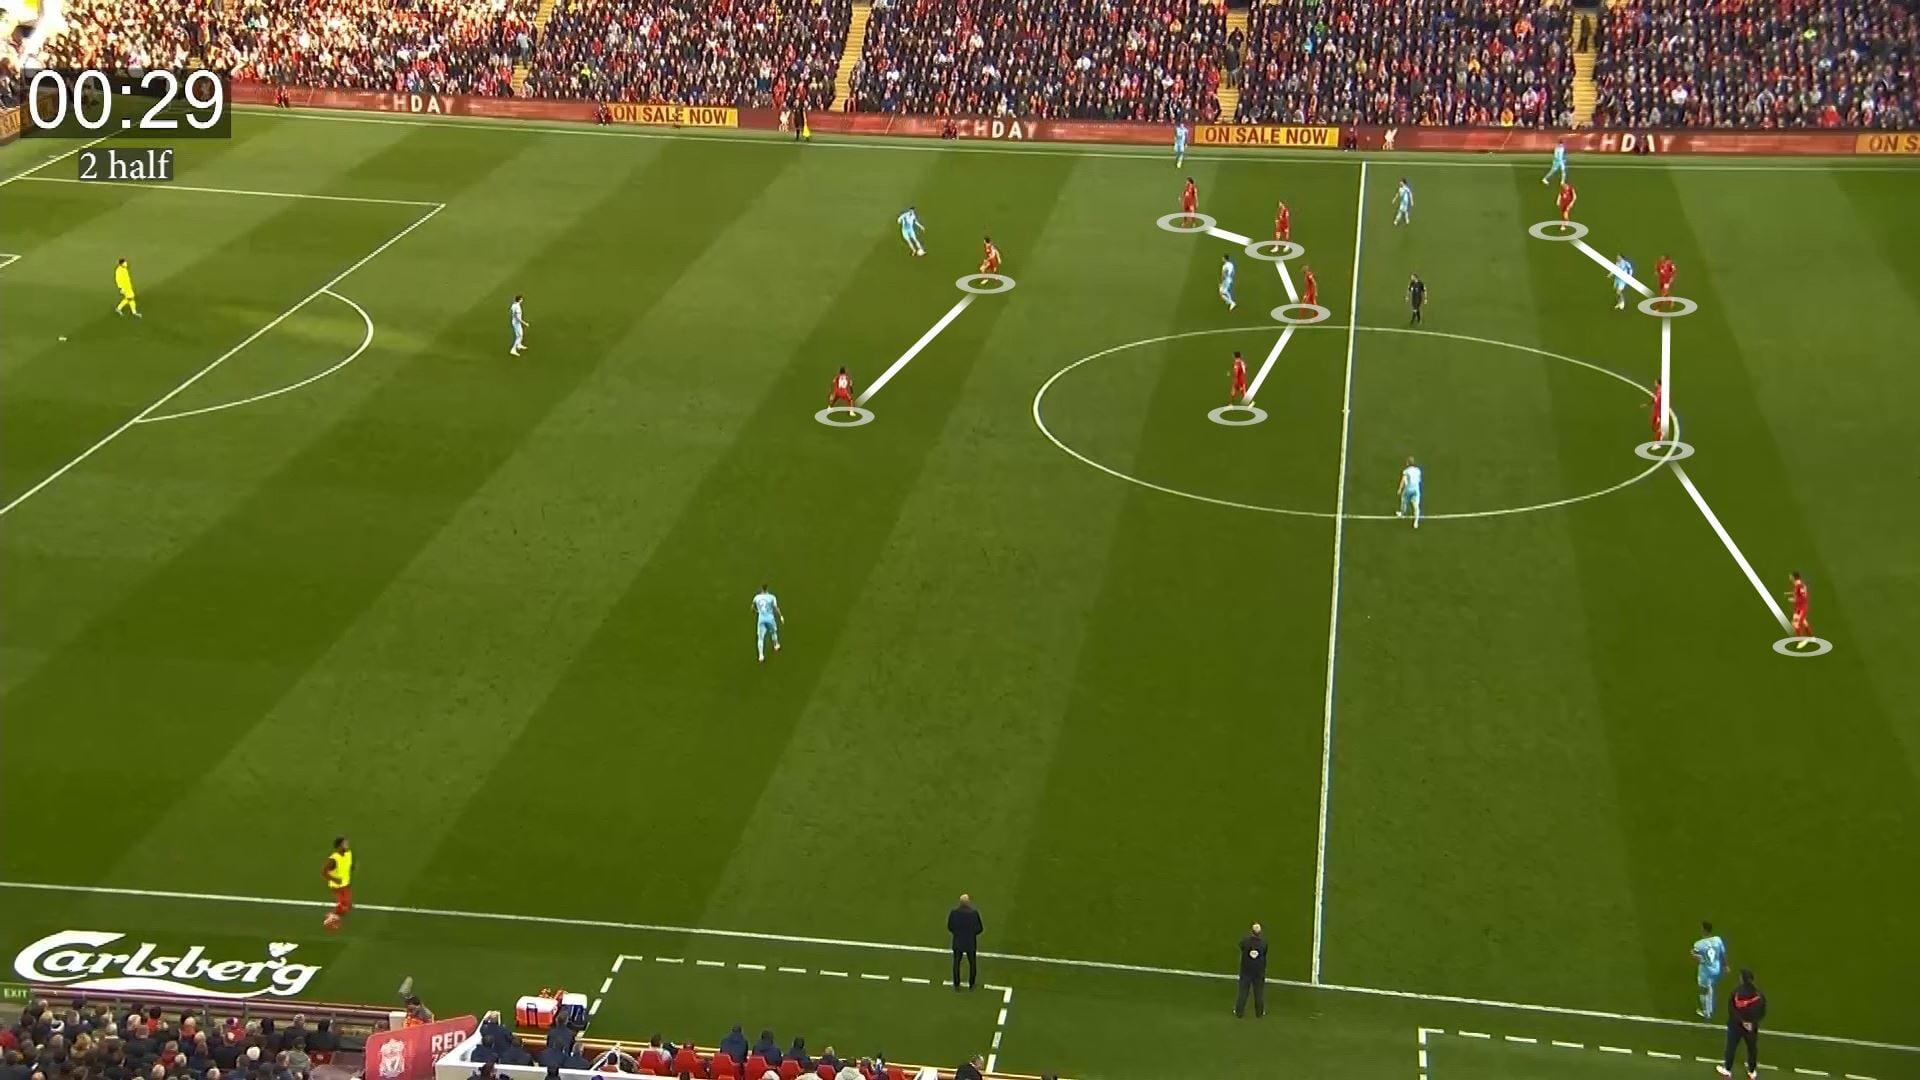 Матчи «Ливерпуль» против «Cити» – лучшее футбольное шоу планеты